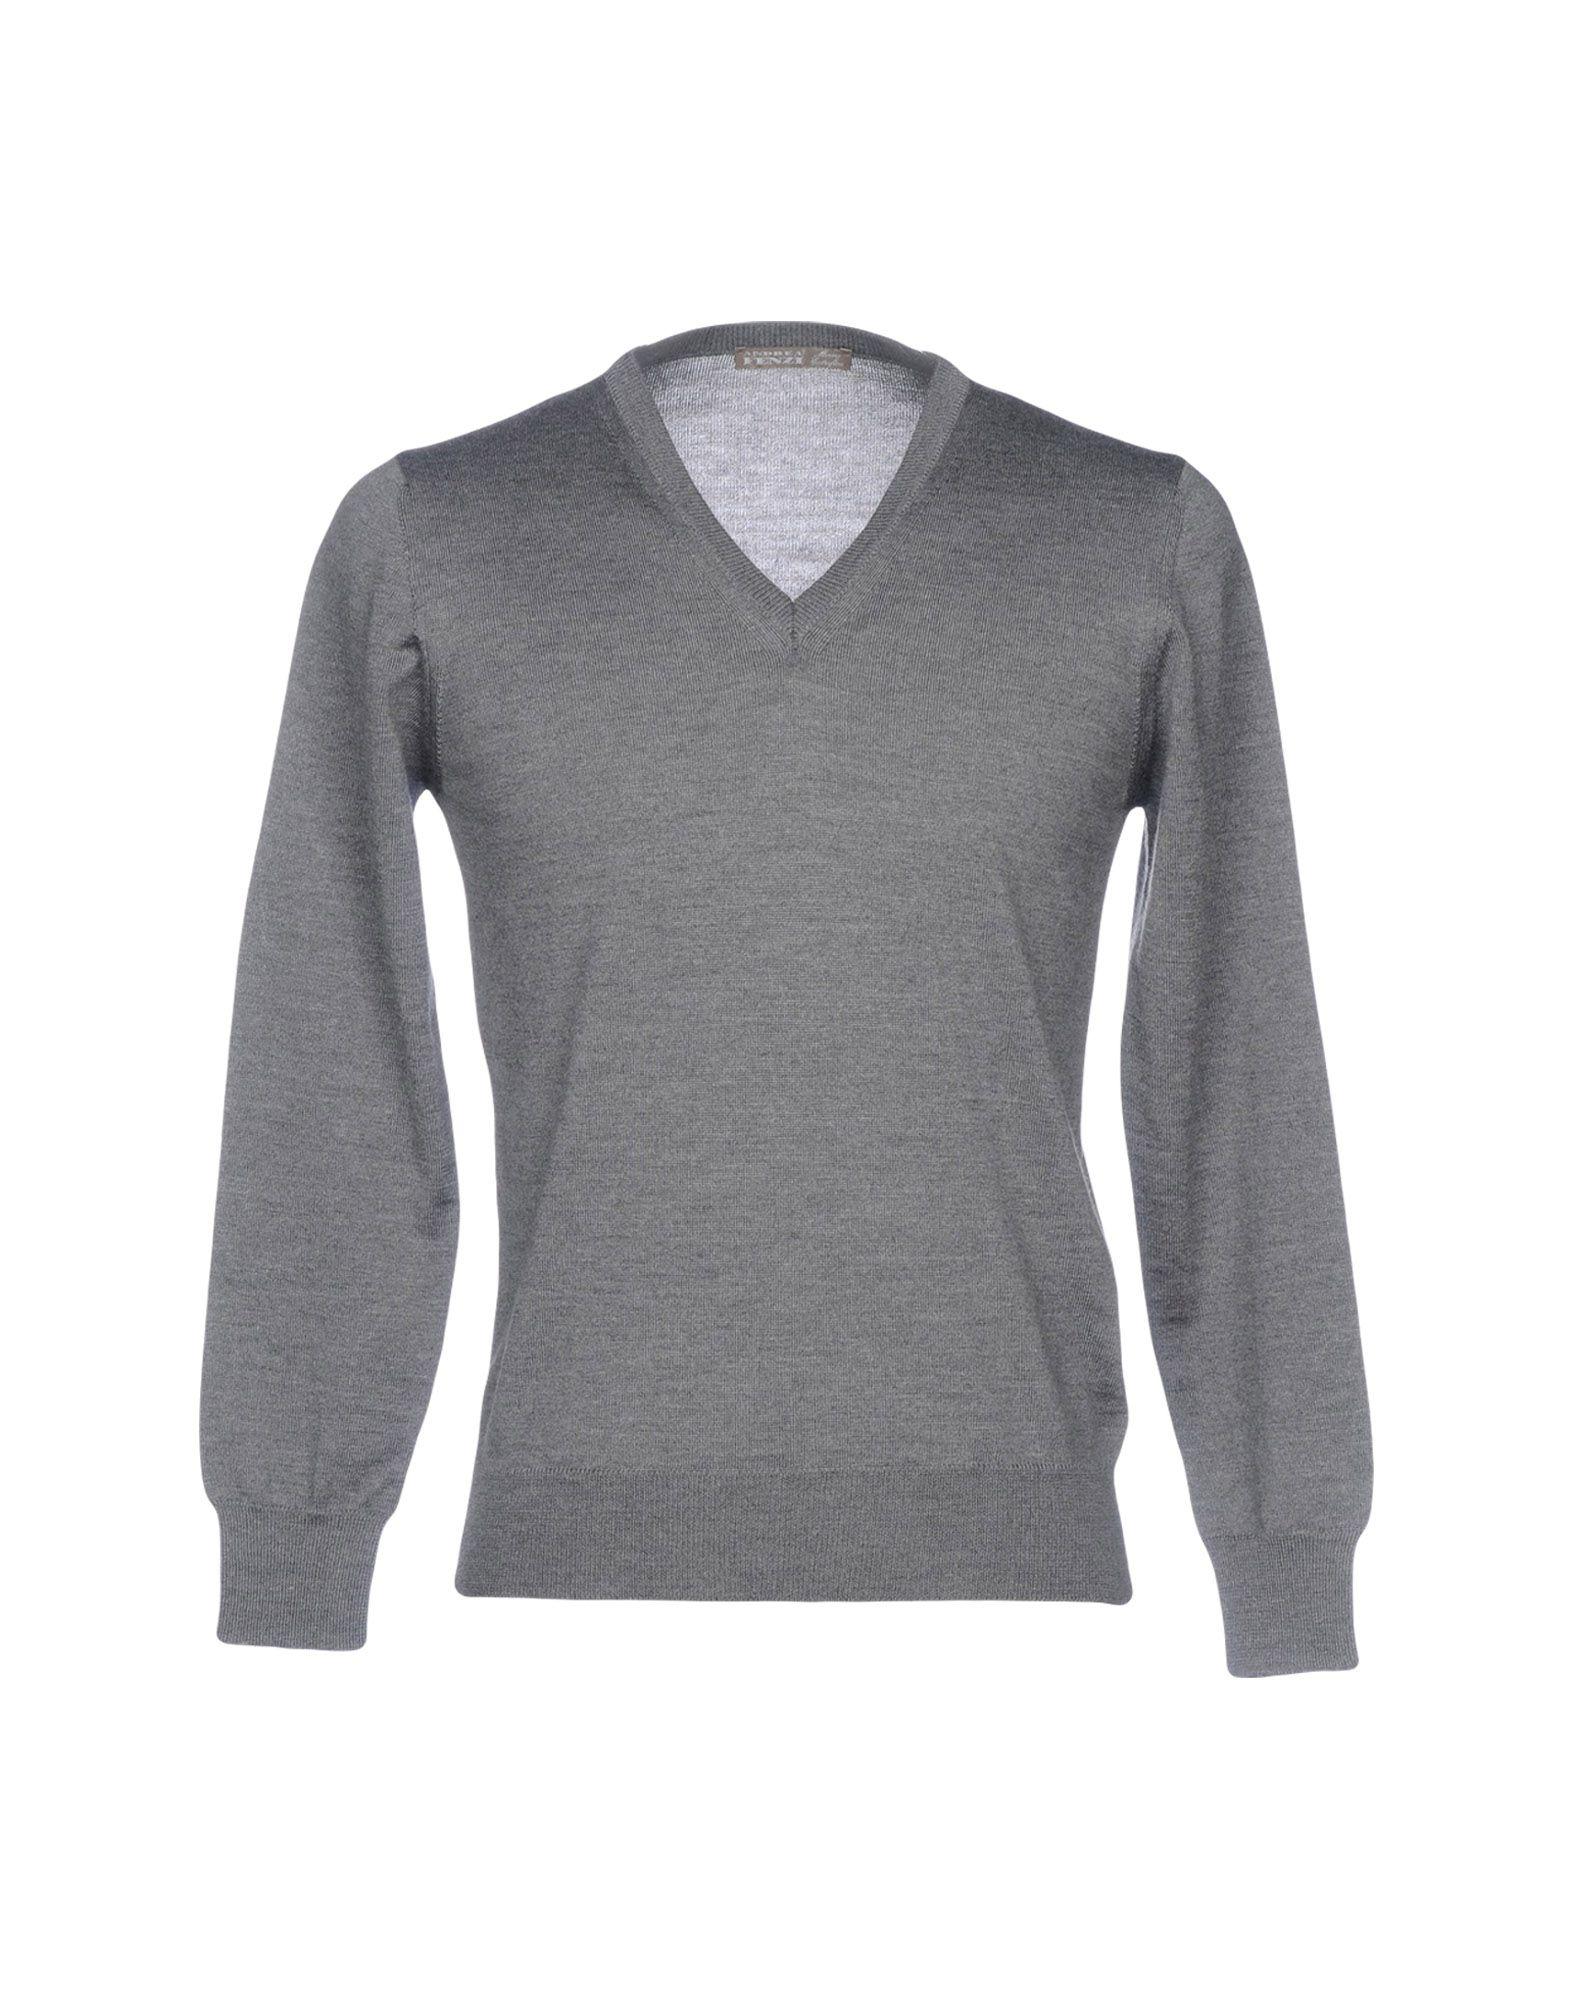 Pullover Pullover Pullover Andrea Fenzi Uomo - 39789073NI c23fea